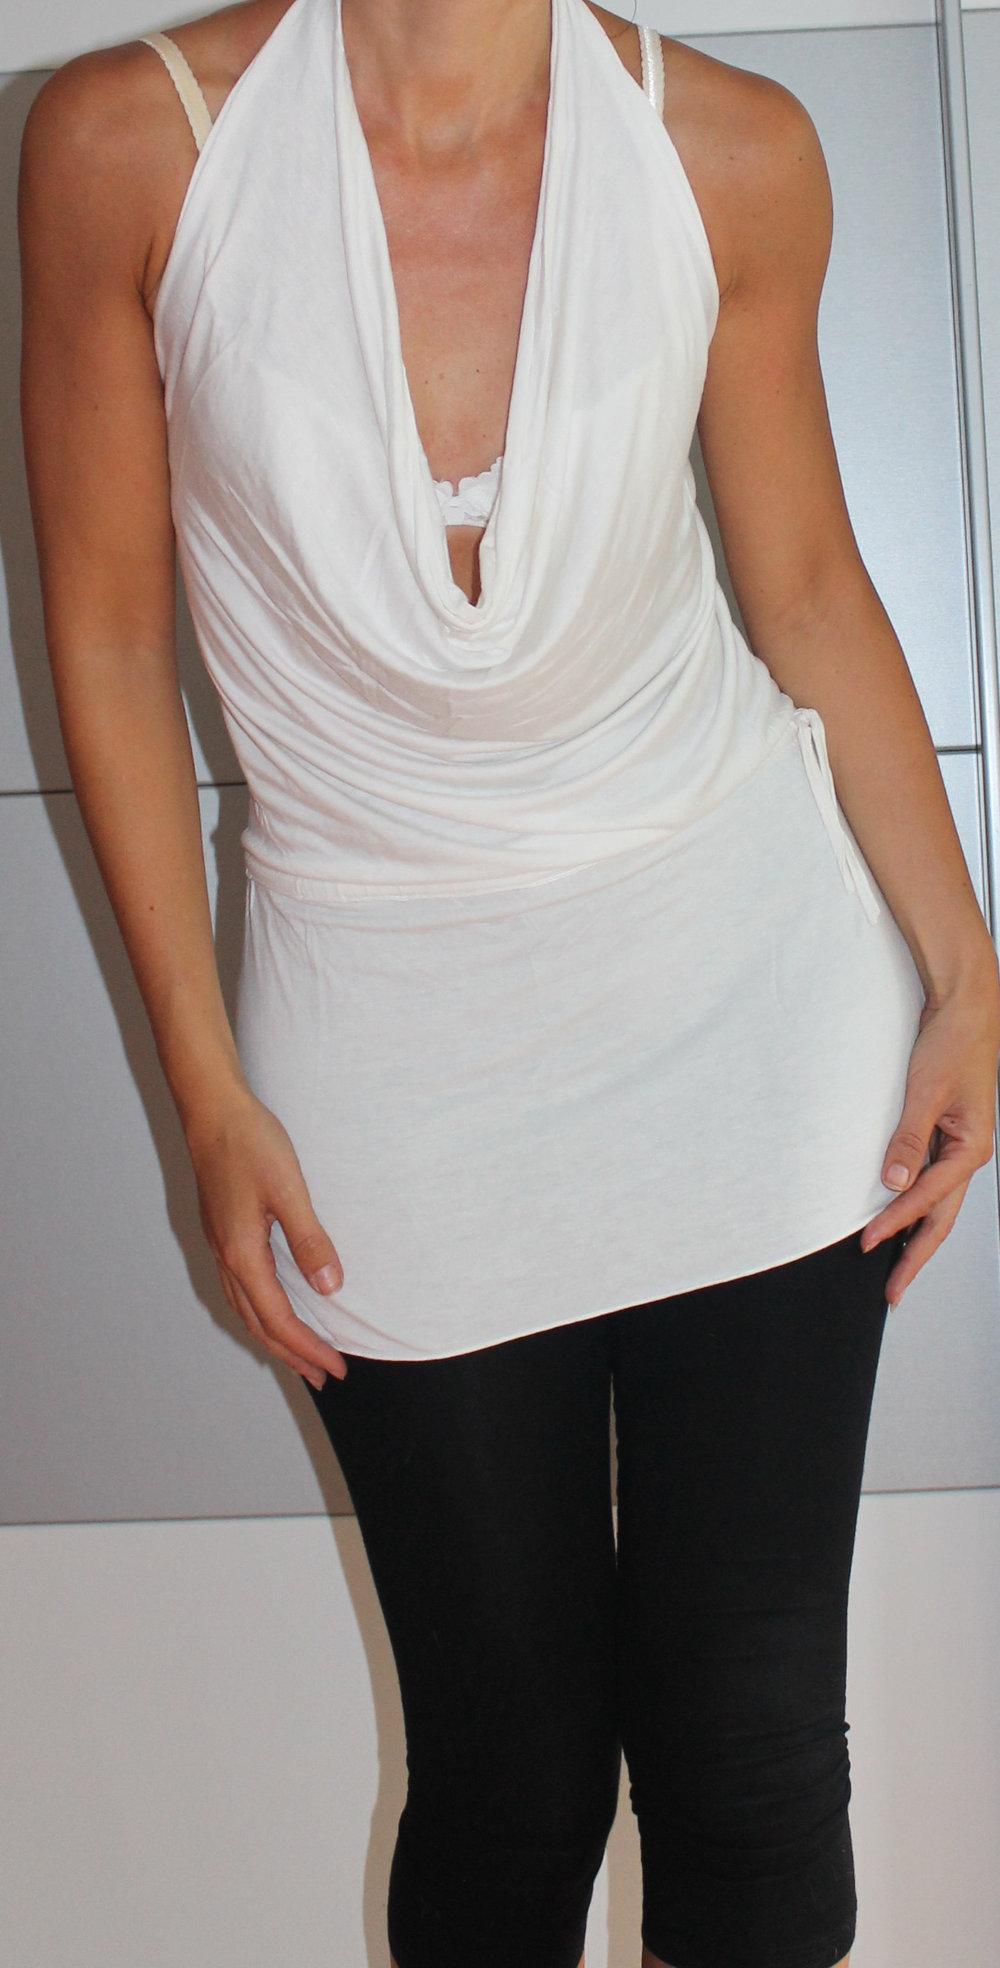 süßes, schickes Neckholder Kleid   Oberteil in weiß    Kleiderkorb.de 23f971adc5